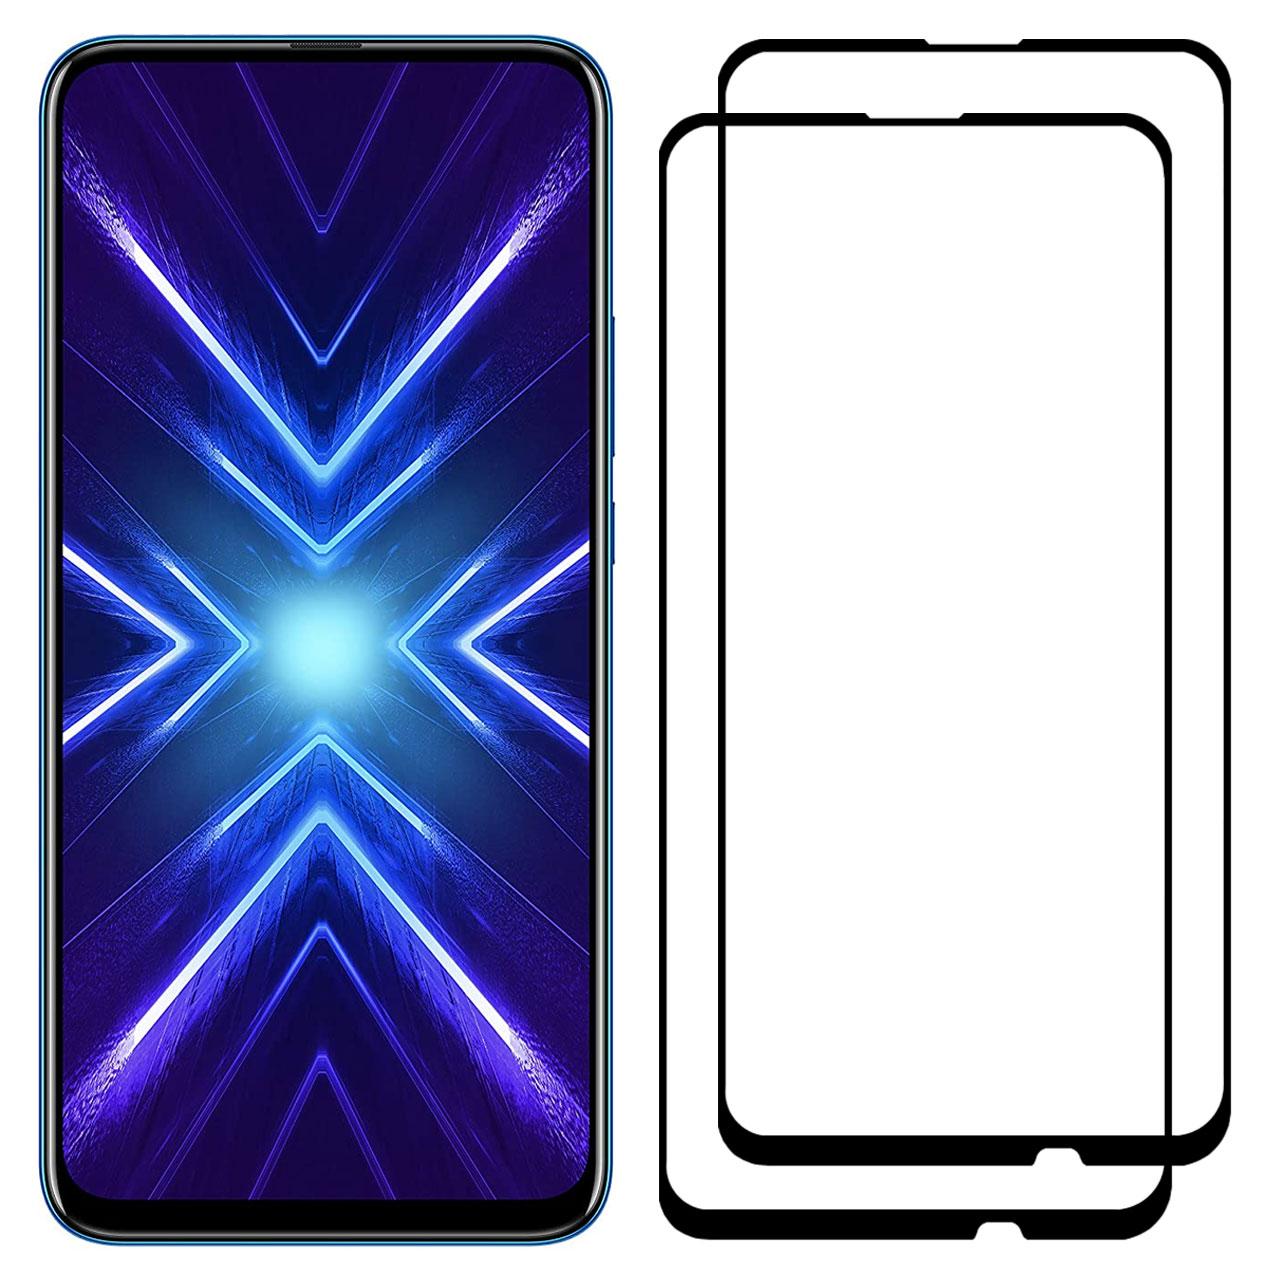 محافظ صفحه نمایش مدل FCG مناسب برای گوشی موبایل آنر 9X بسته دو عددی